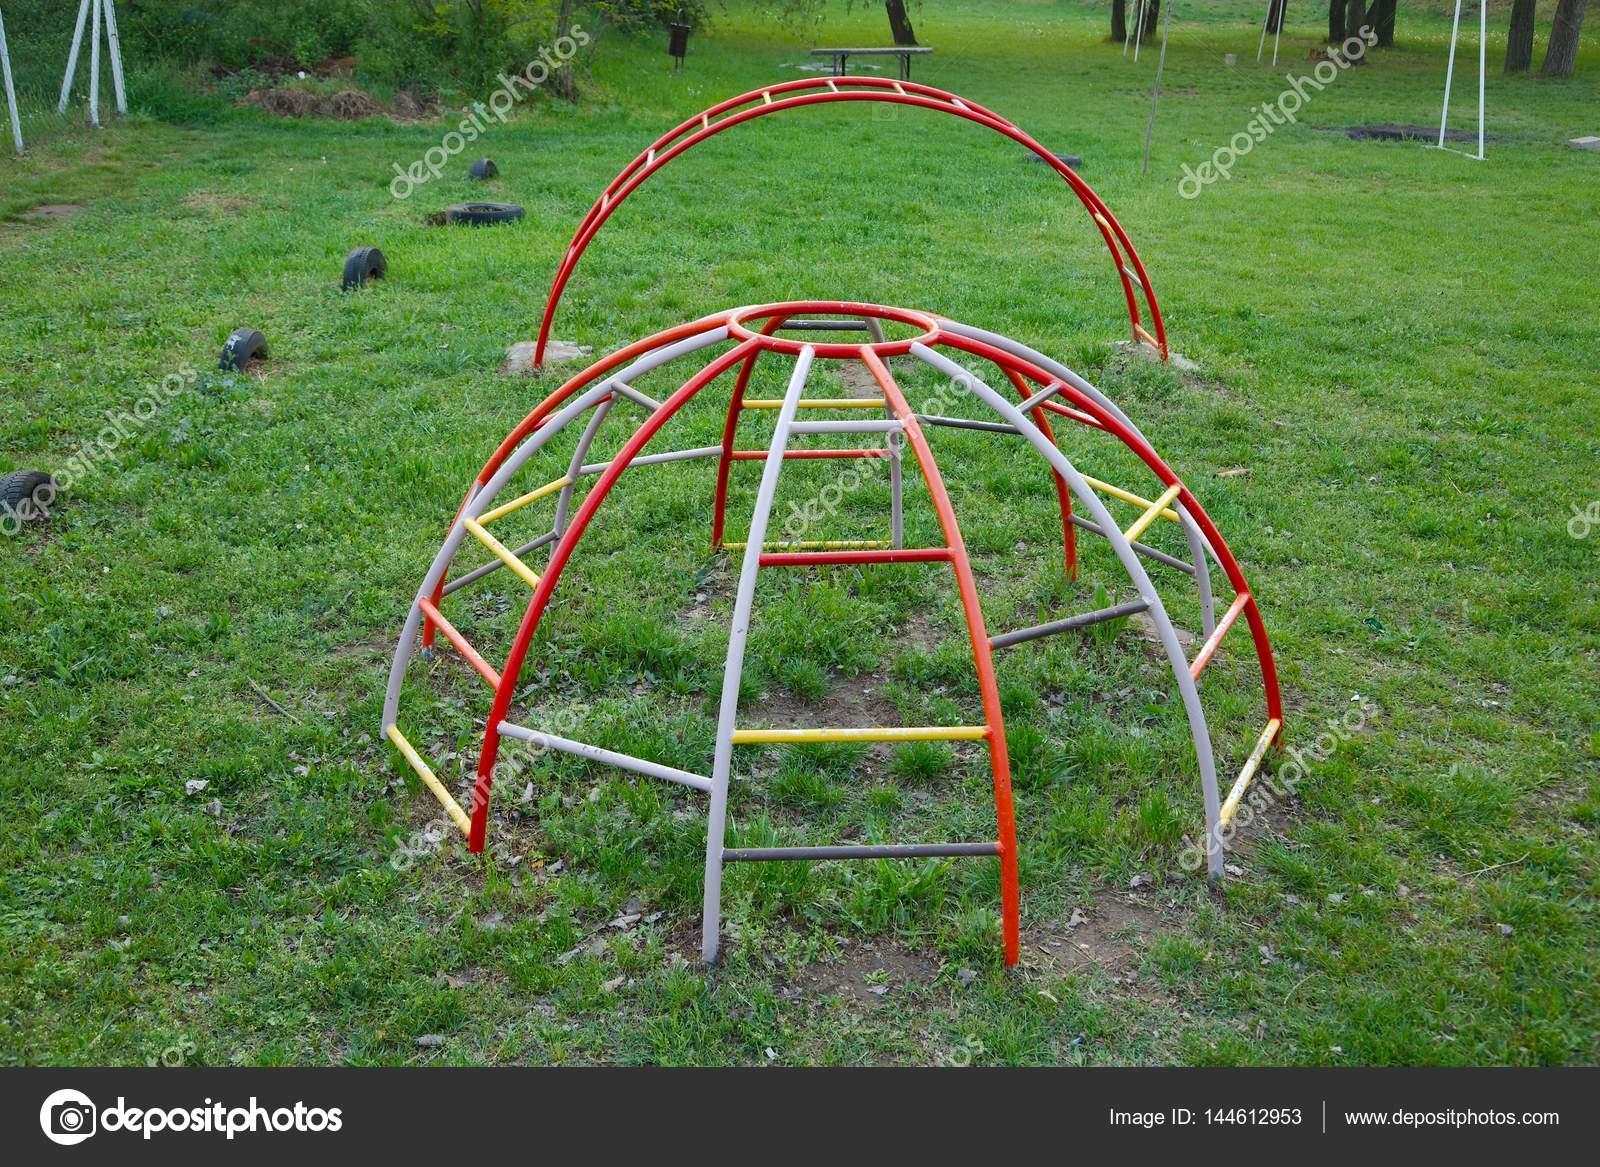 Klettergerüst Metall Spielplatz : Klettergerüst auf dem spielplatz u stockfoto gudella